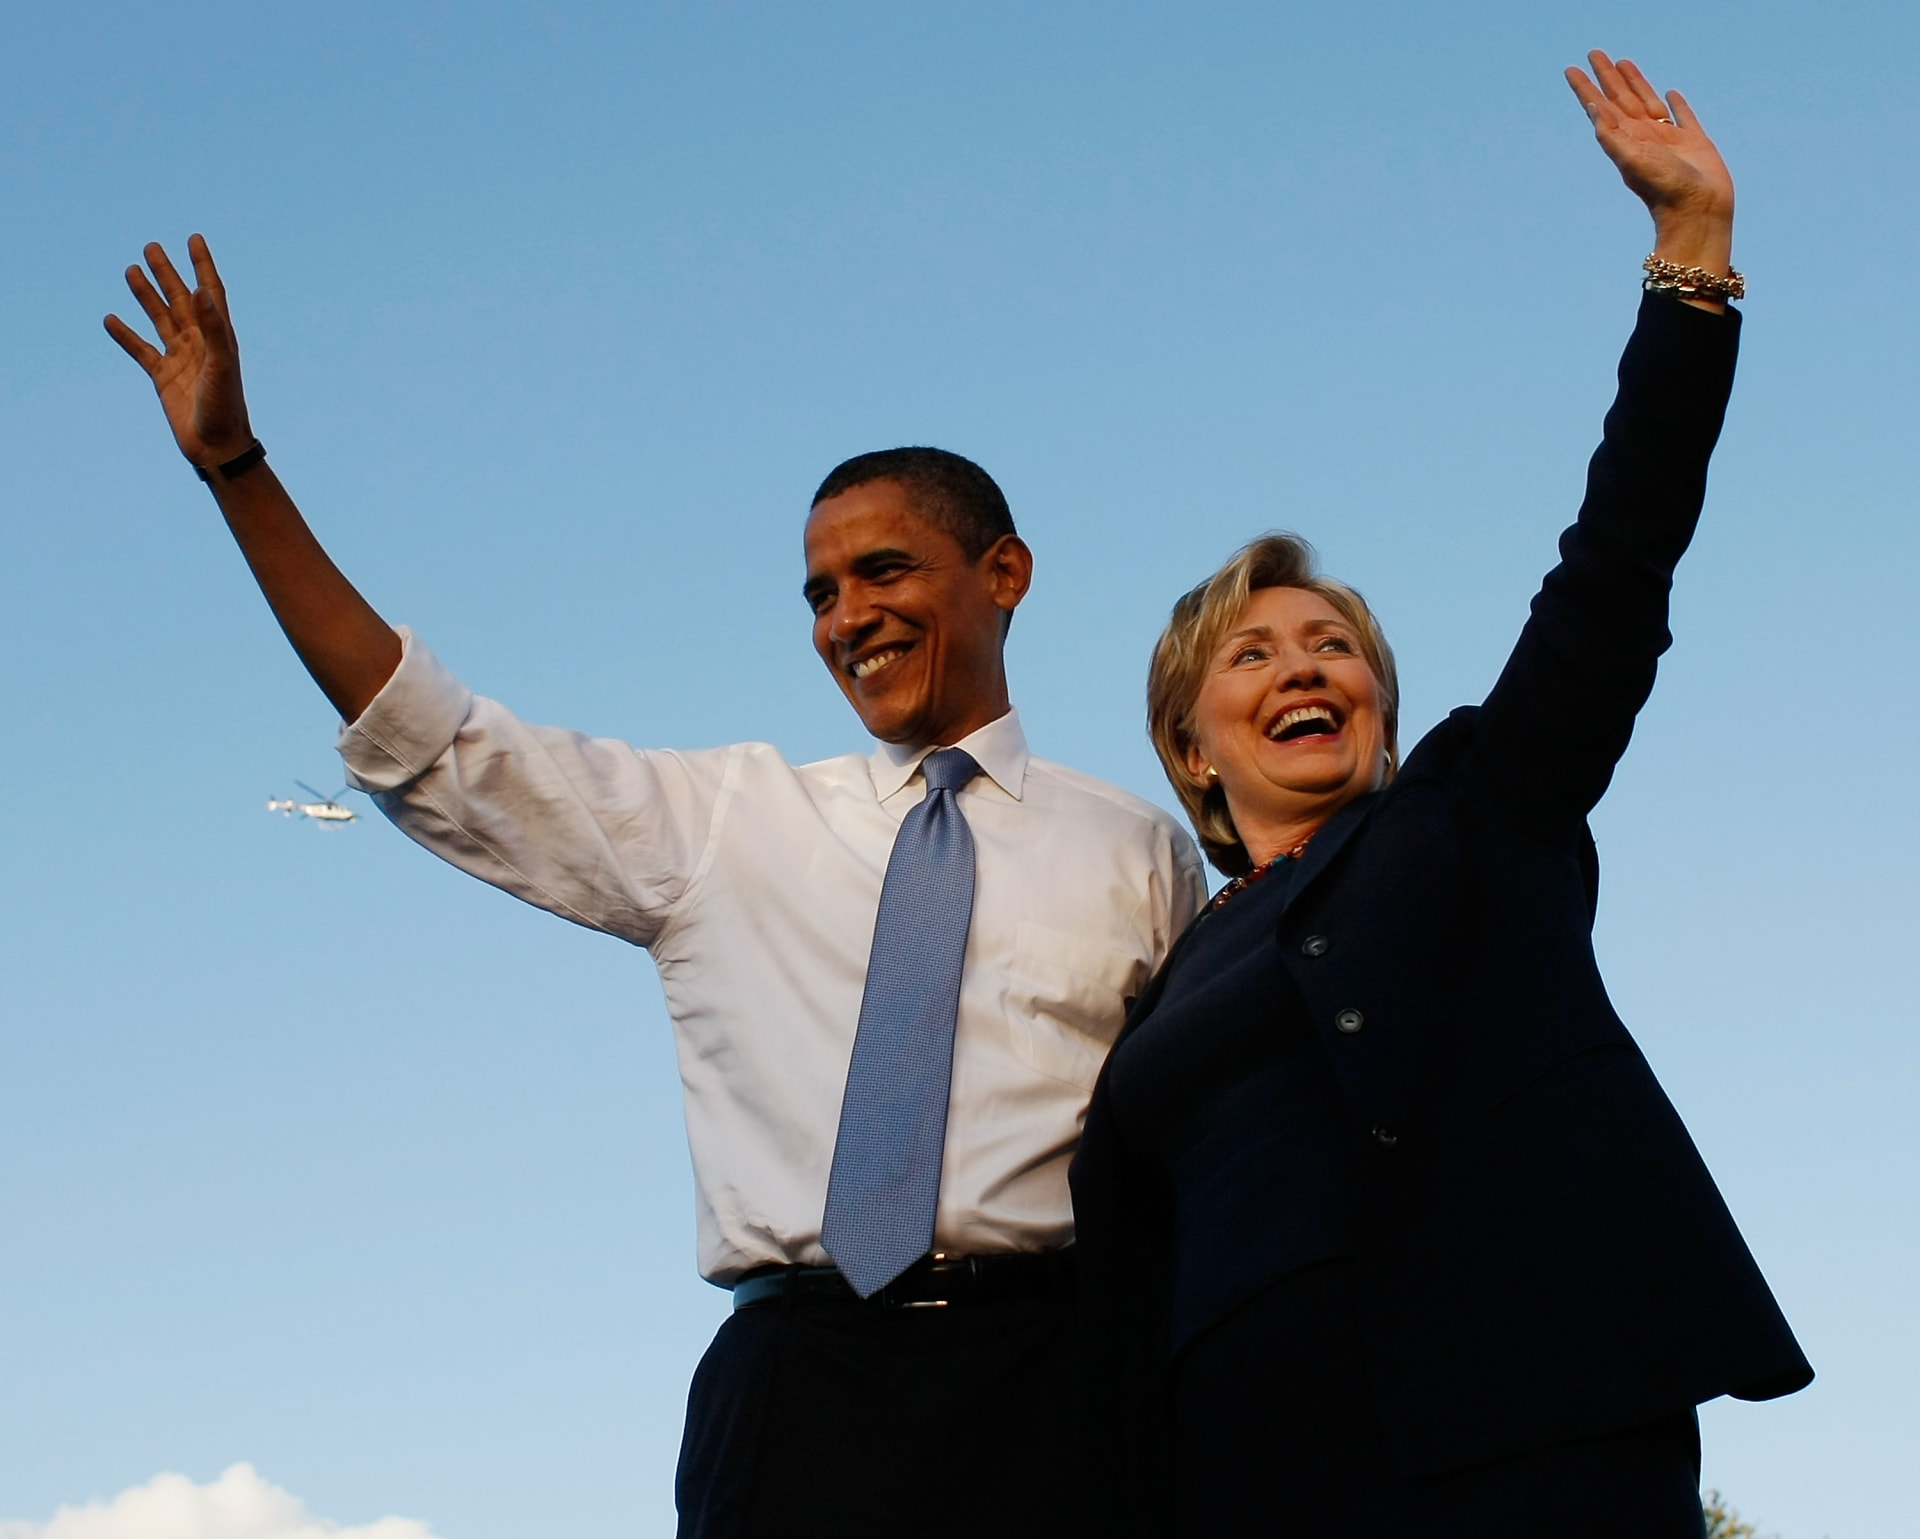 السكرتير الصحفي الأمريكي السابق: أوباما يريد فوز هيلاري